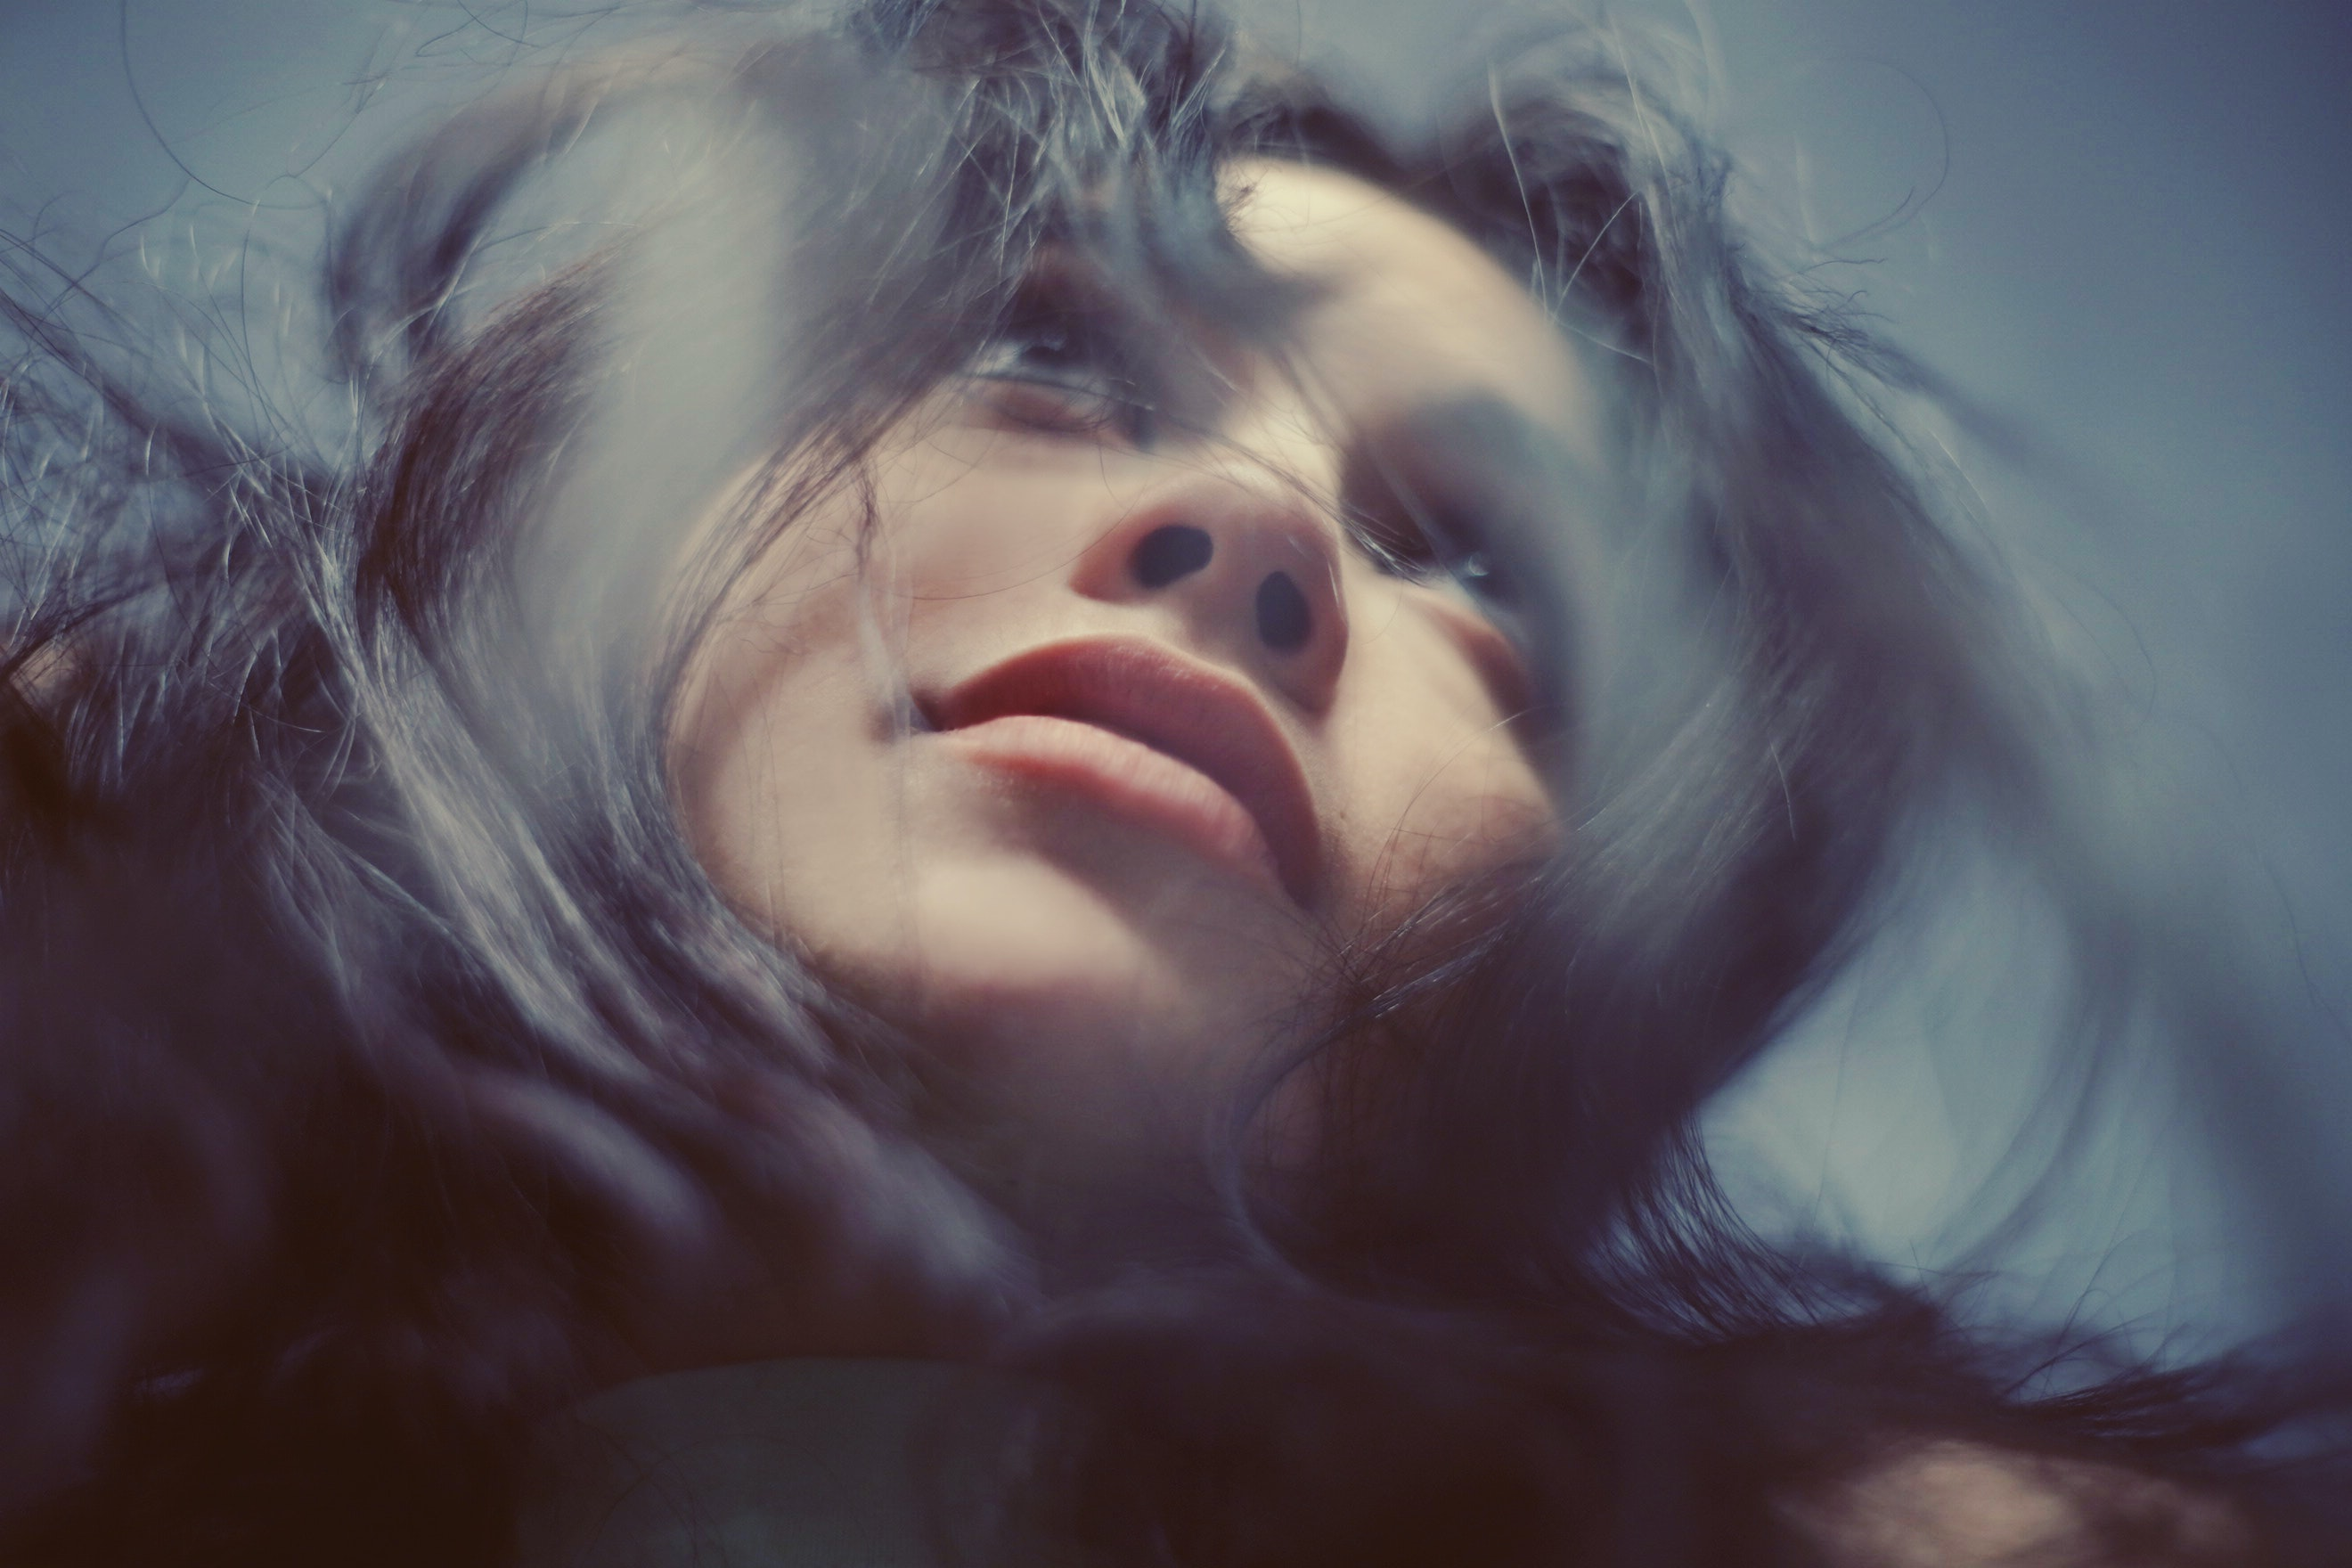 Kobiety spod tych 5 znaków uznawane są za najpiękniejsze. Przyciągają mężczyzn jak magnes